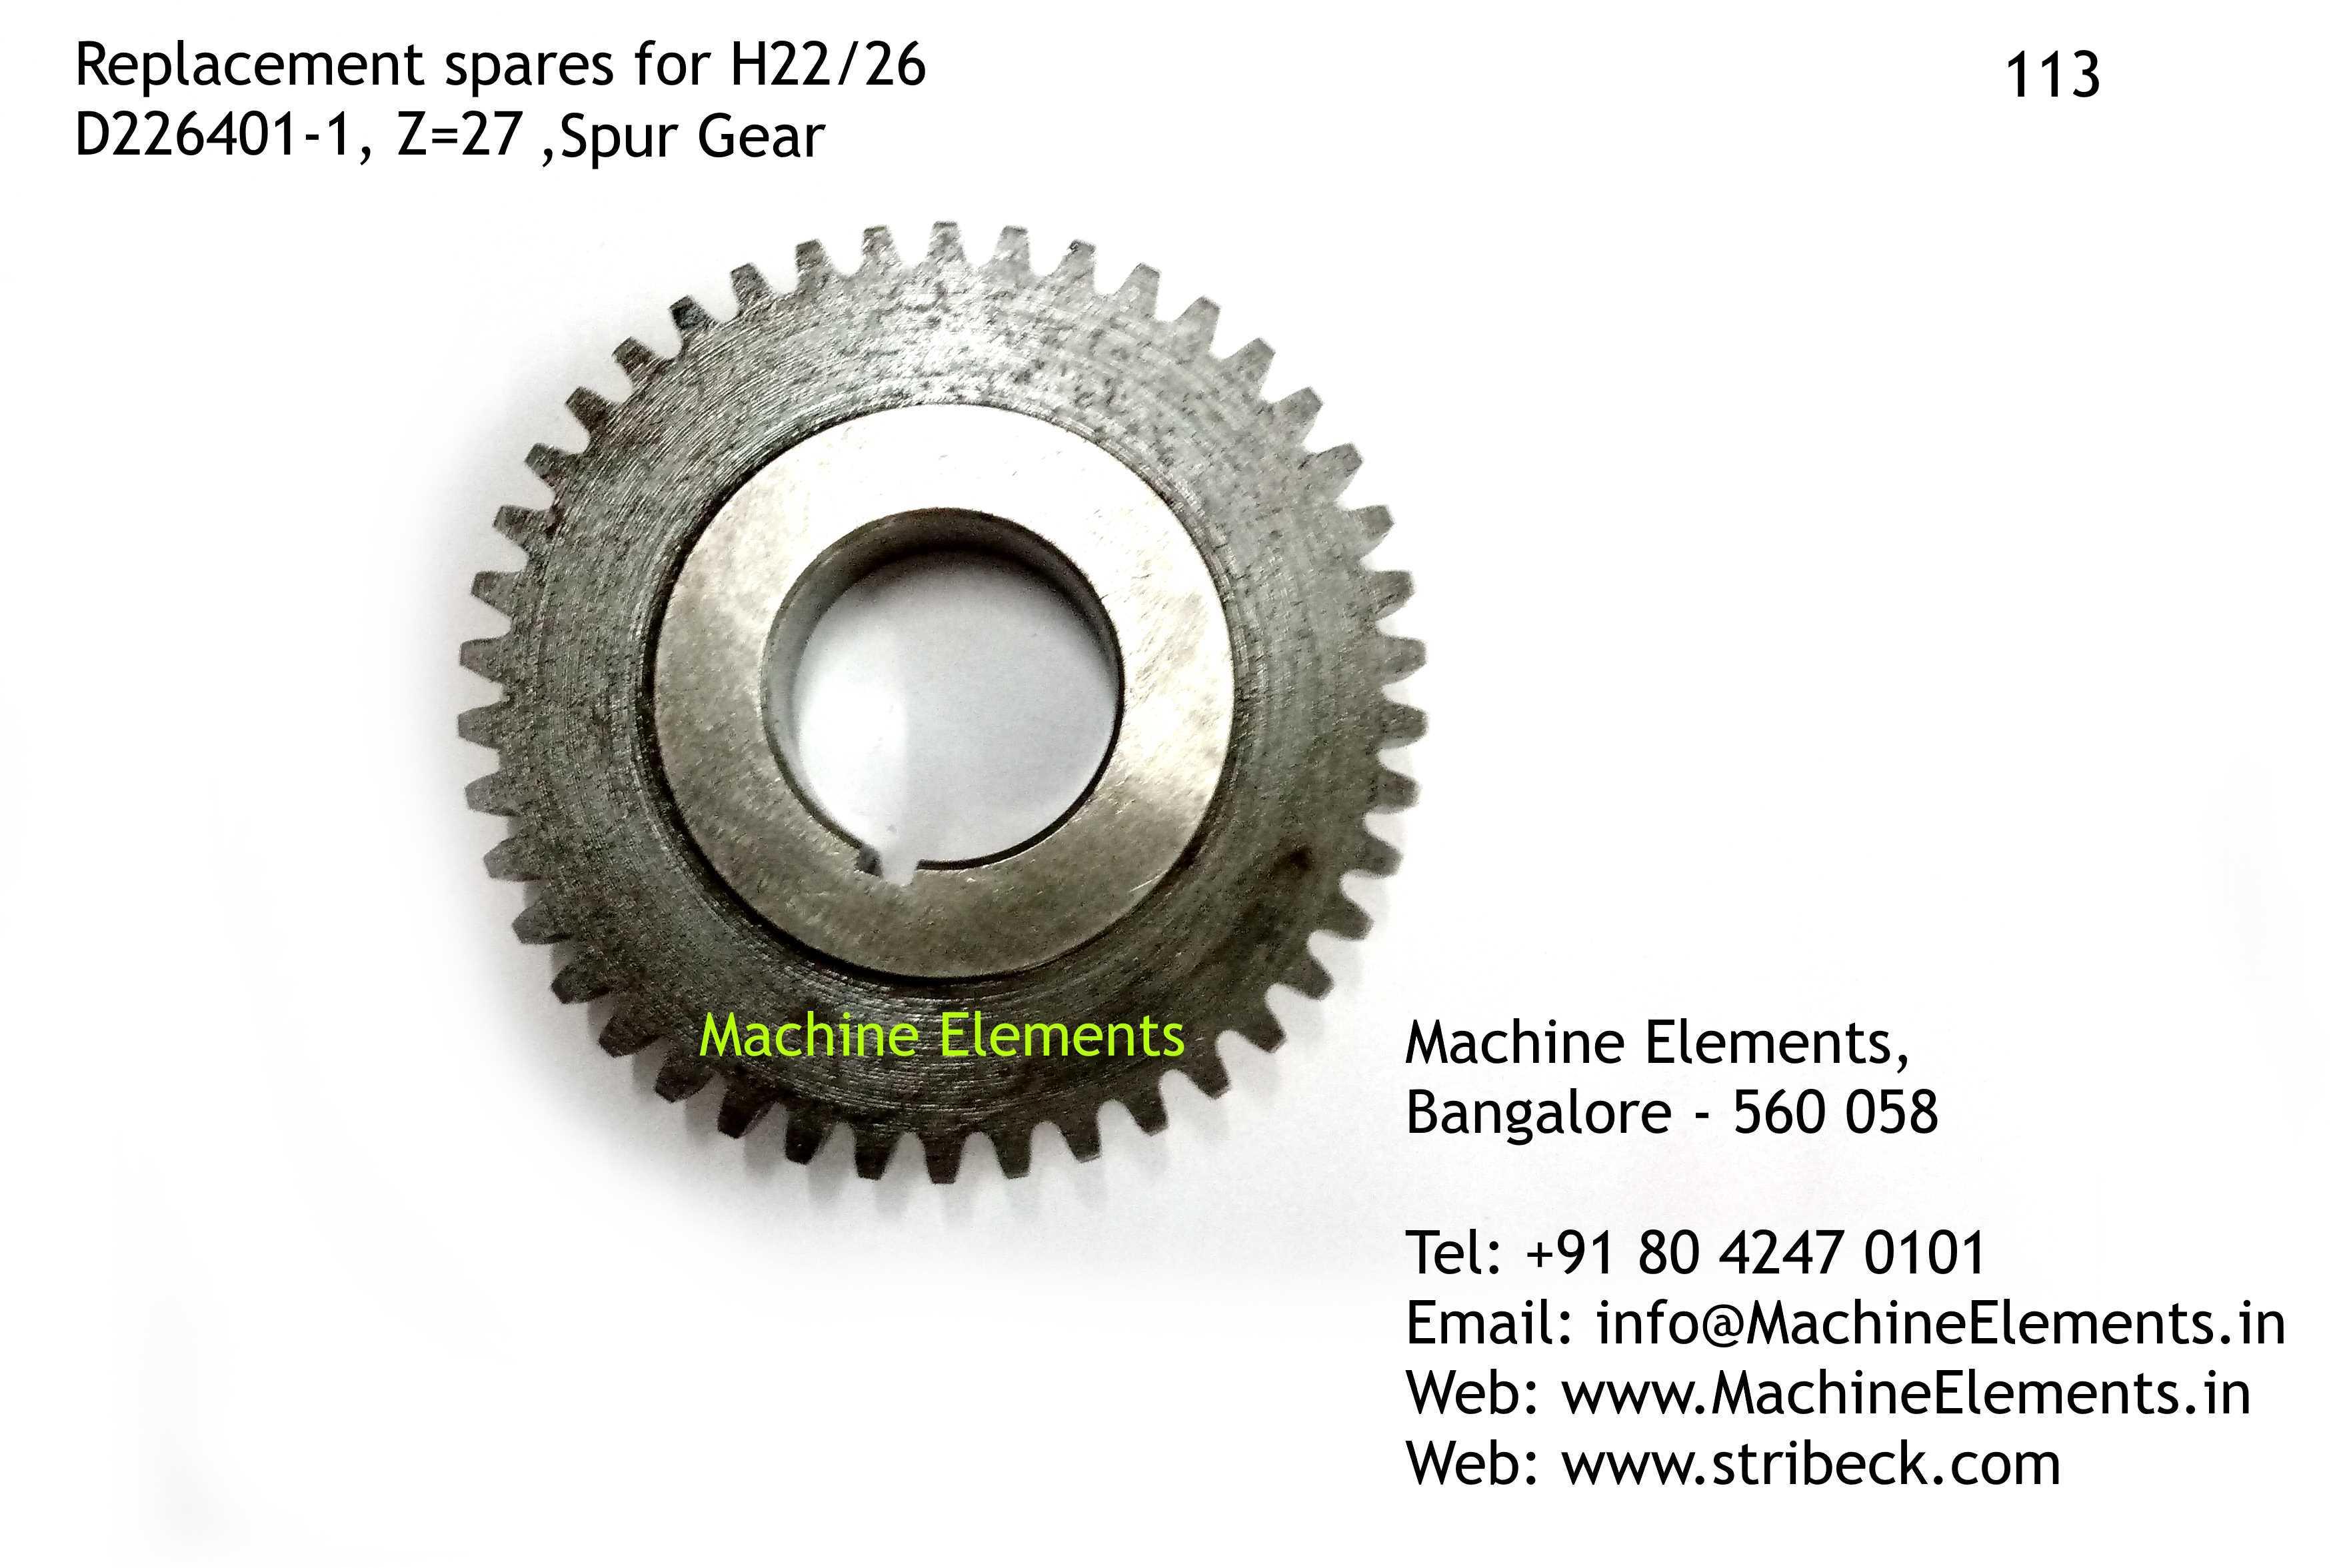 Spur Gear, D226401-1, Z=27